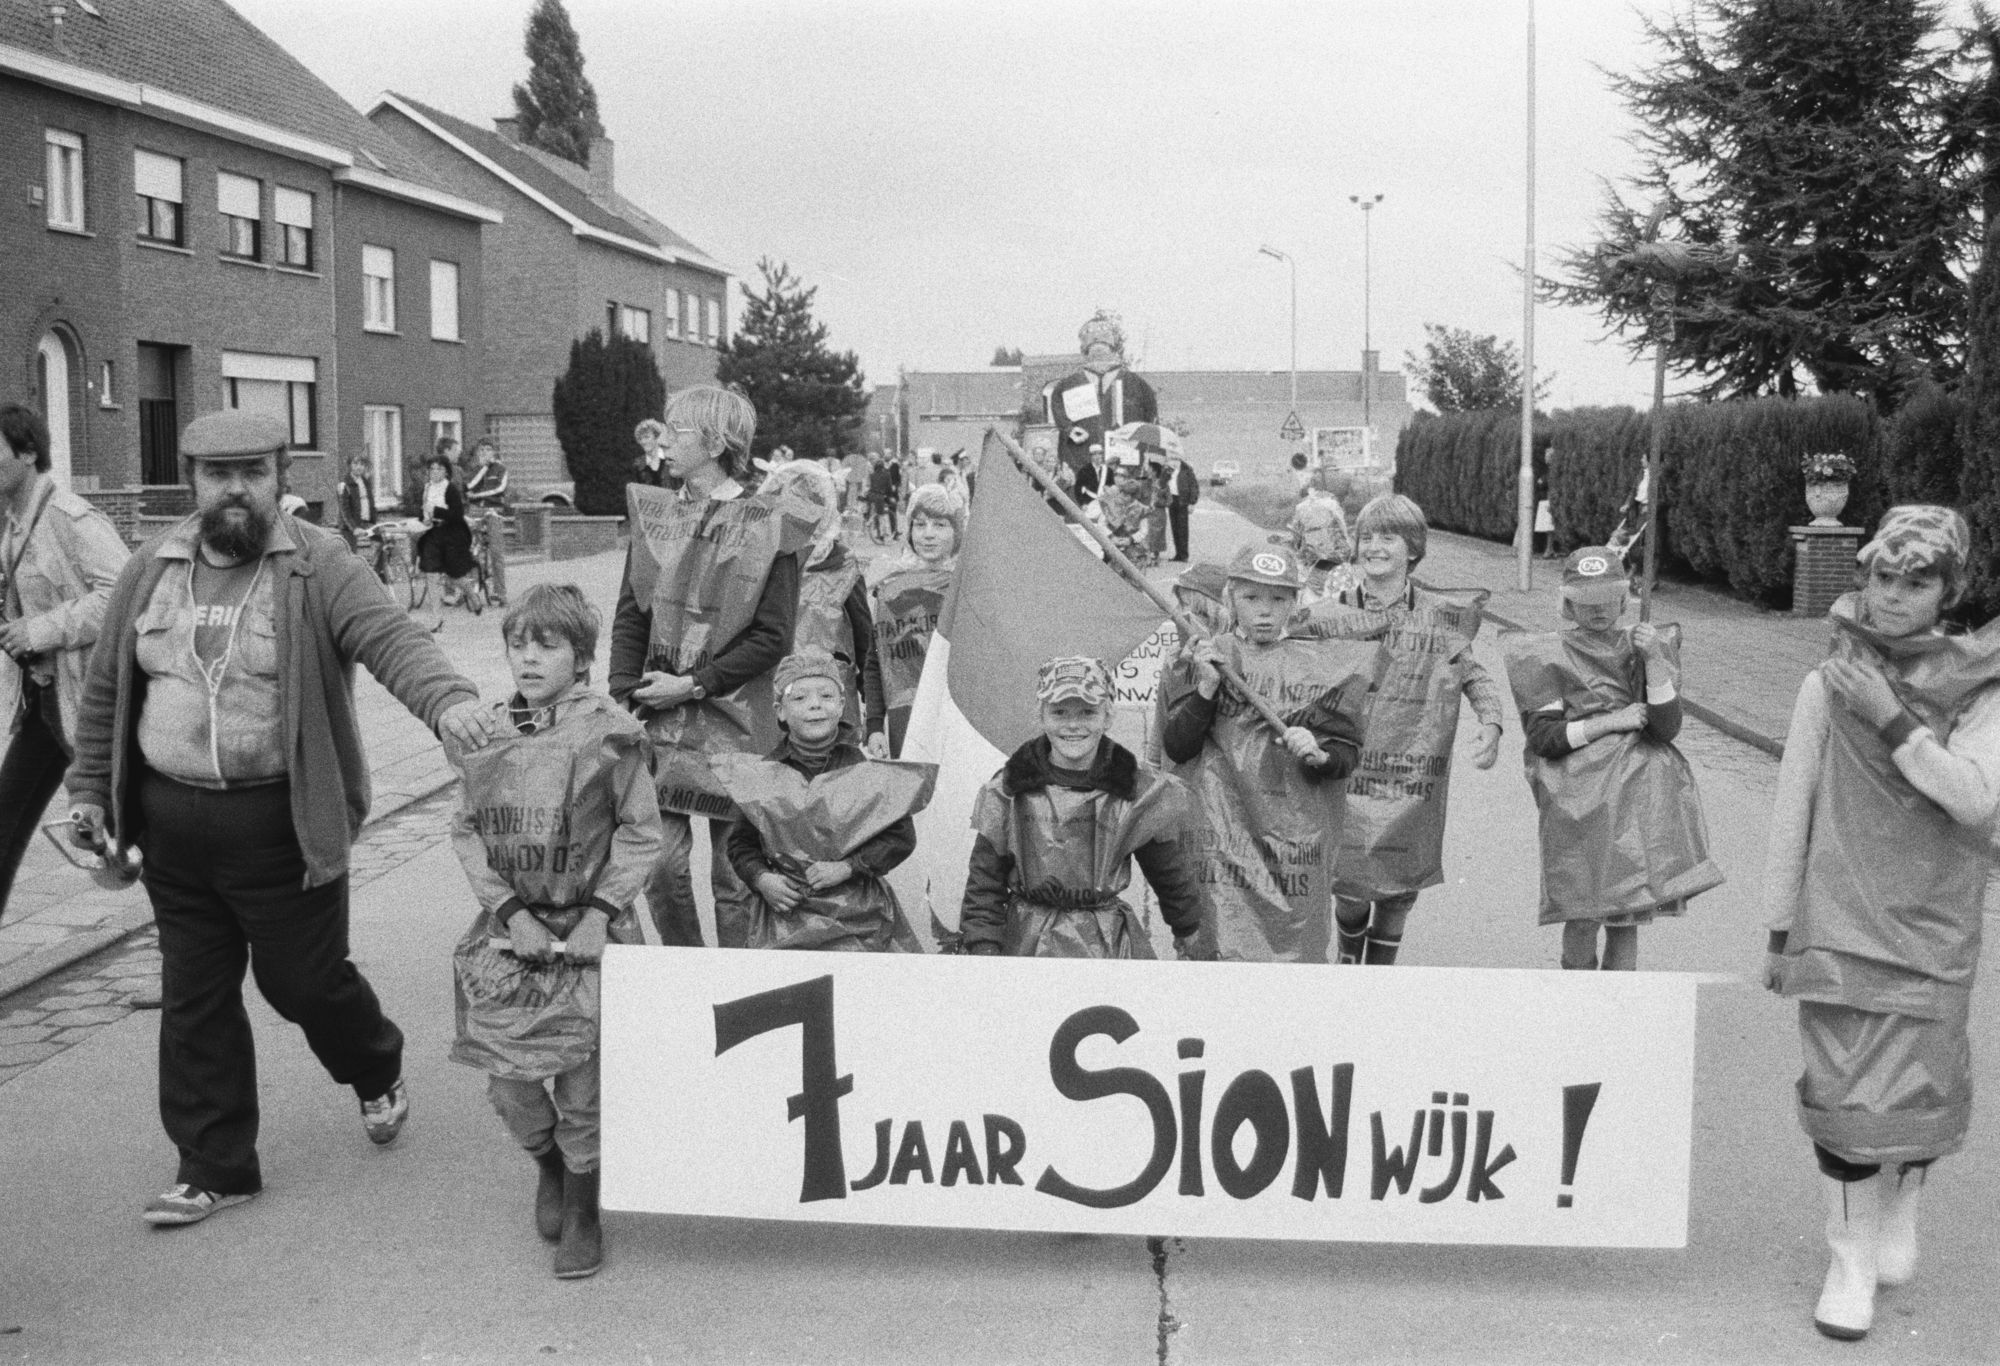 Wijkkermis Sionwijk: Soetens Fieste- Soetens molen